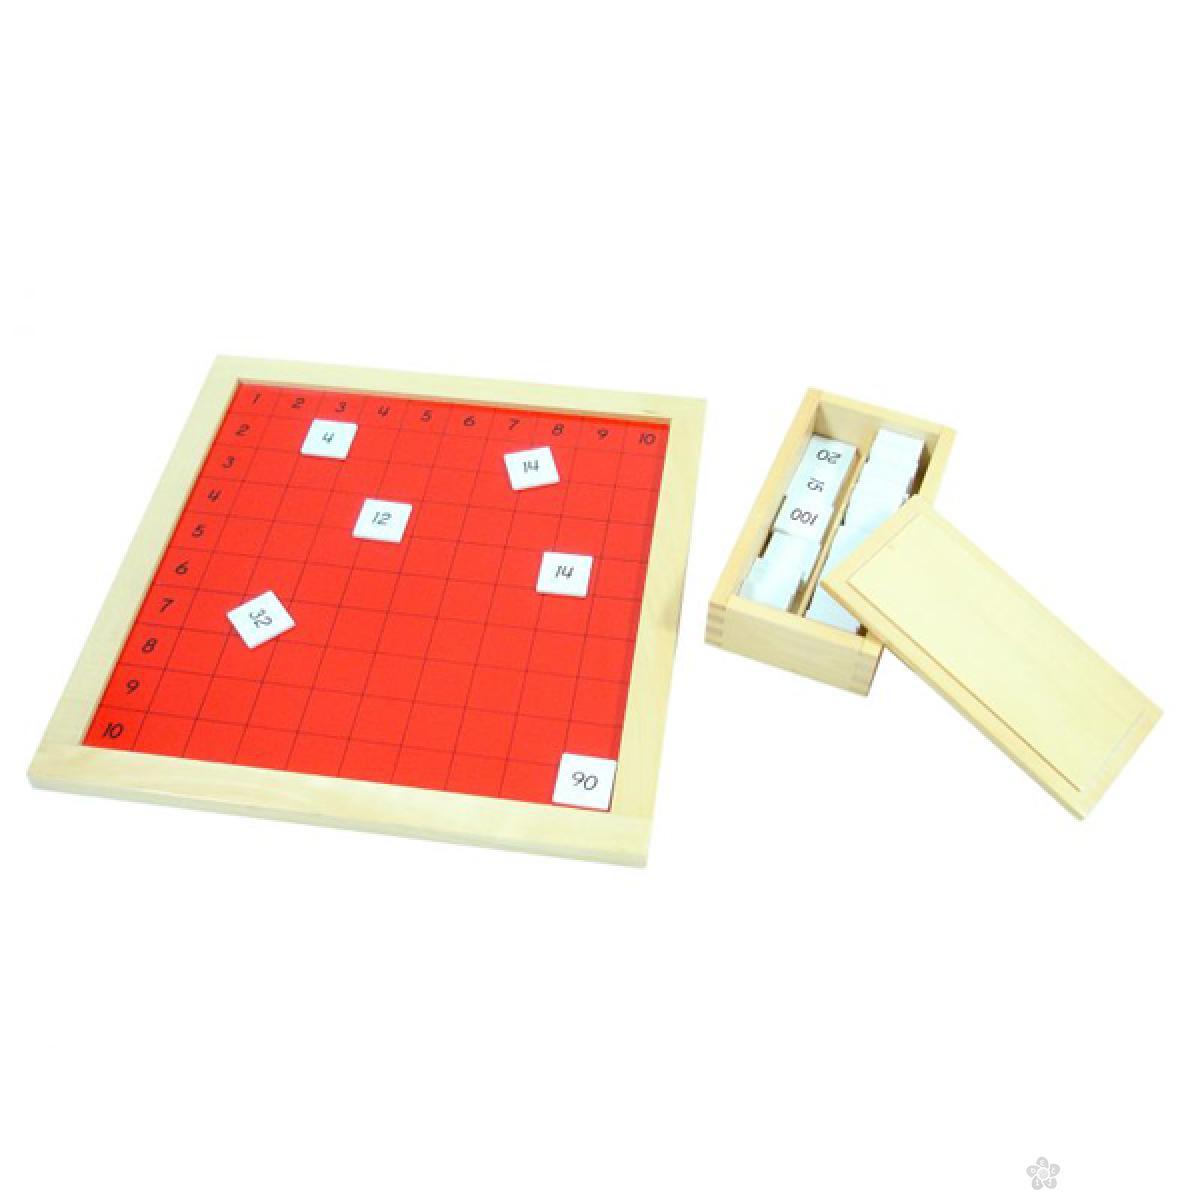 Montesori-Pitagorina tabla sa brojevima, HTM0147